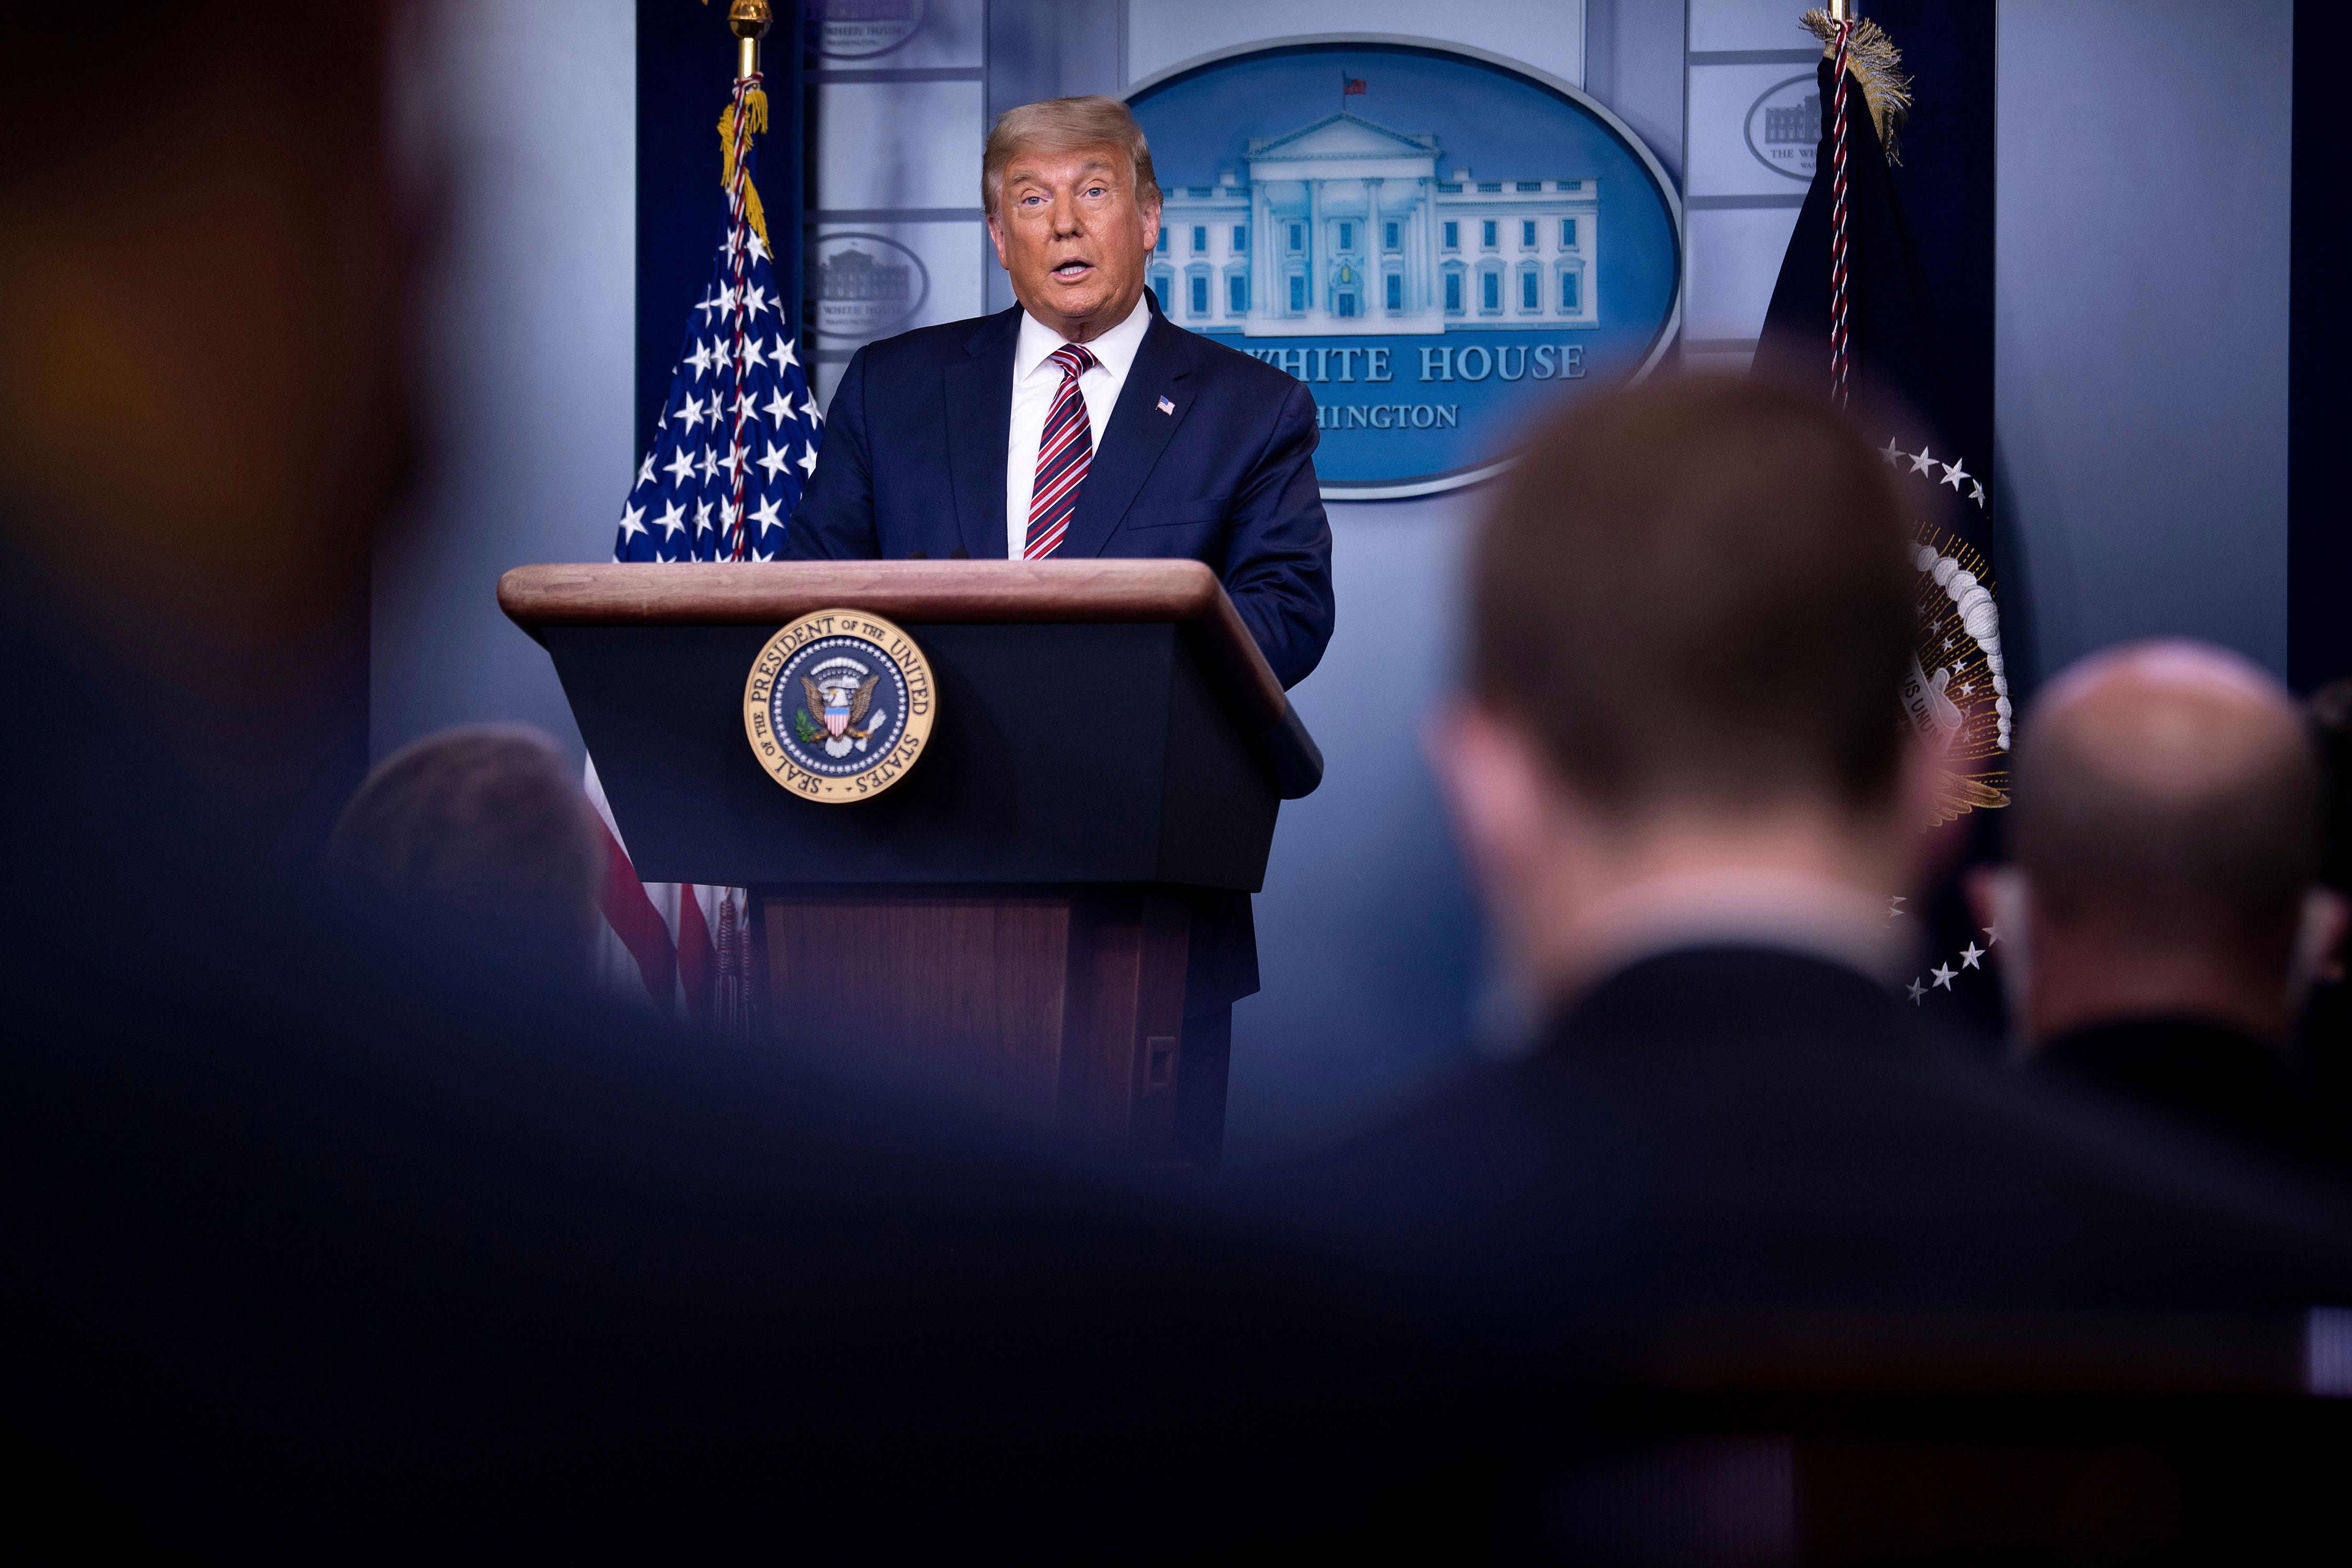 President Donald Trump speaks at the White House on November 5.